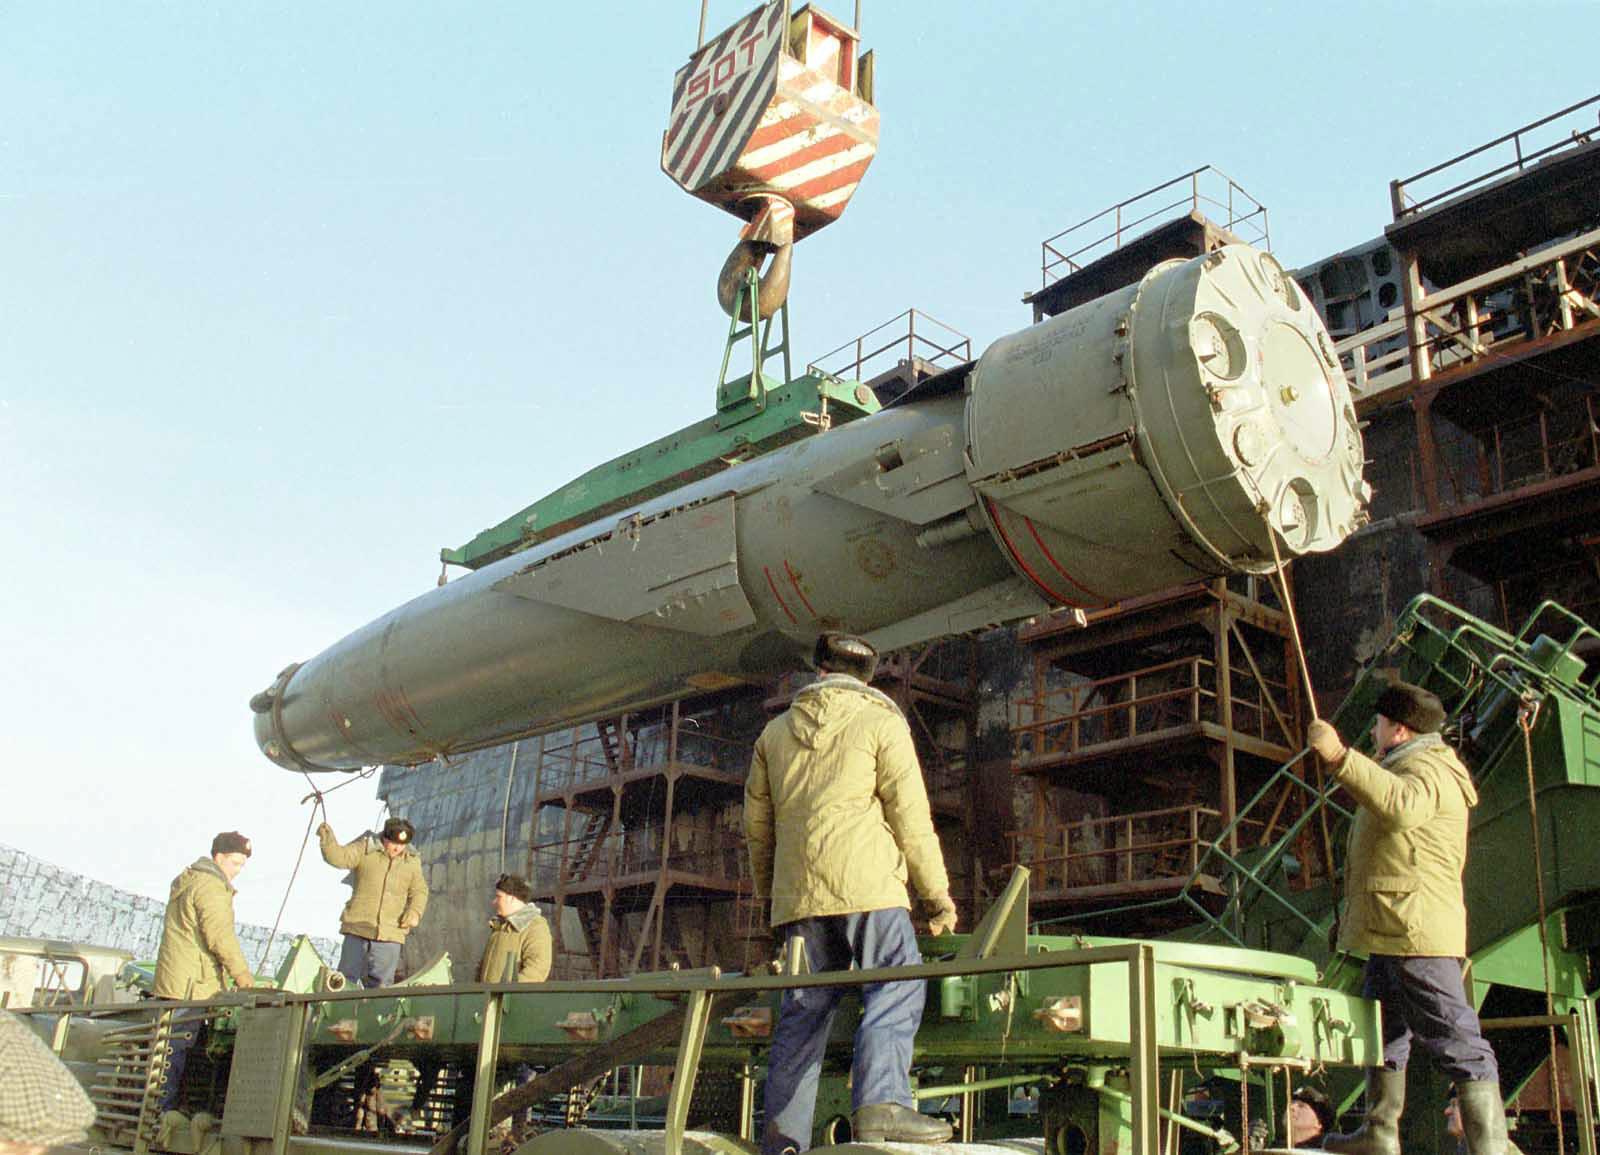 俄大批战舰将内海封锁,核潜艇发射重型导弹,摧毁海上大型目标